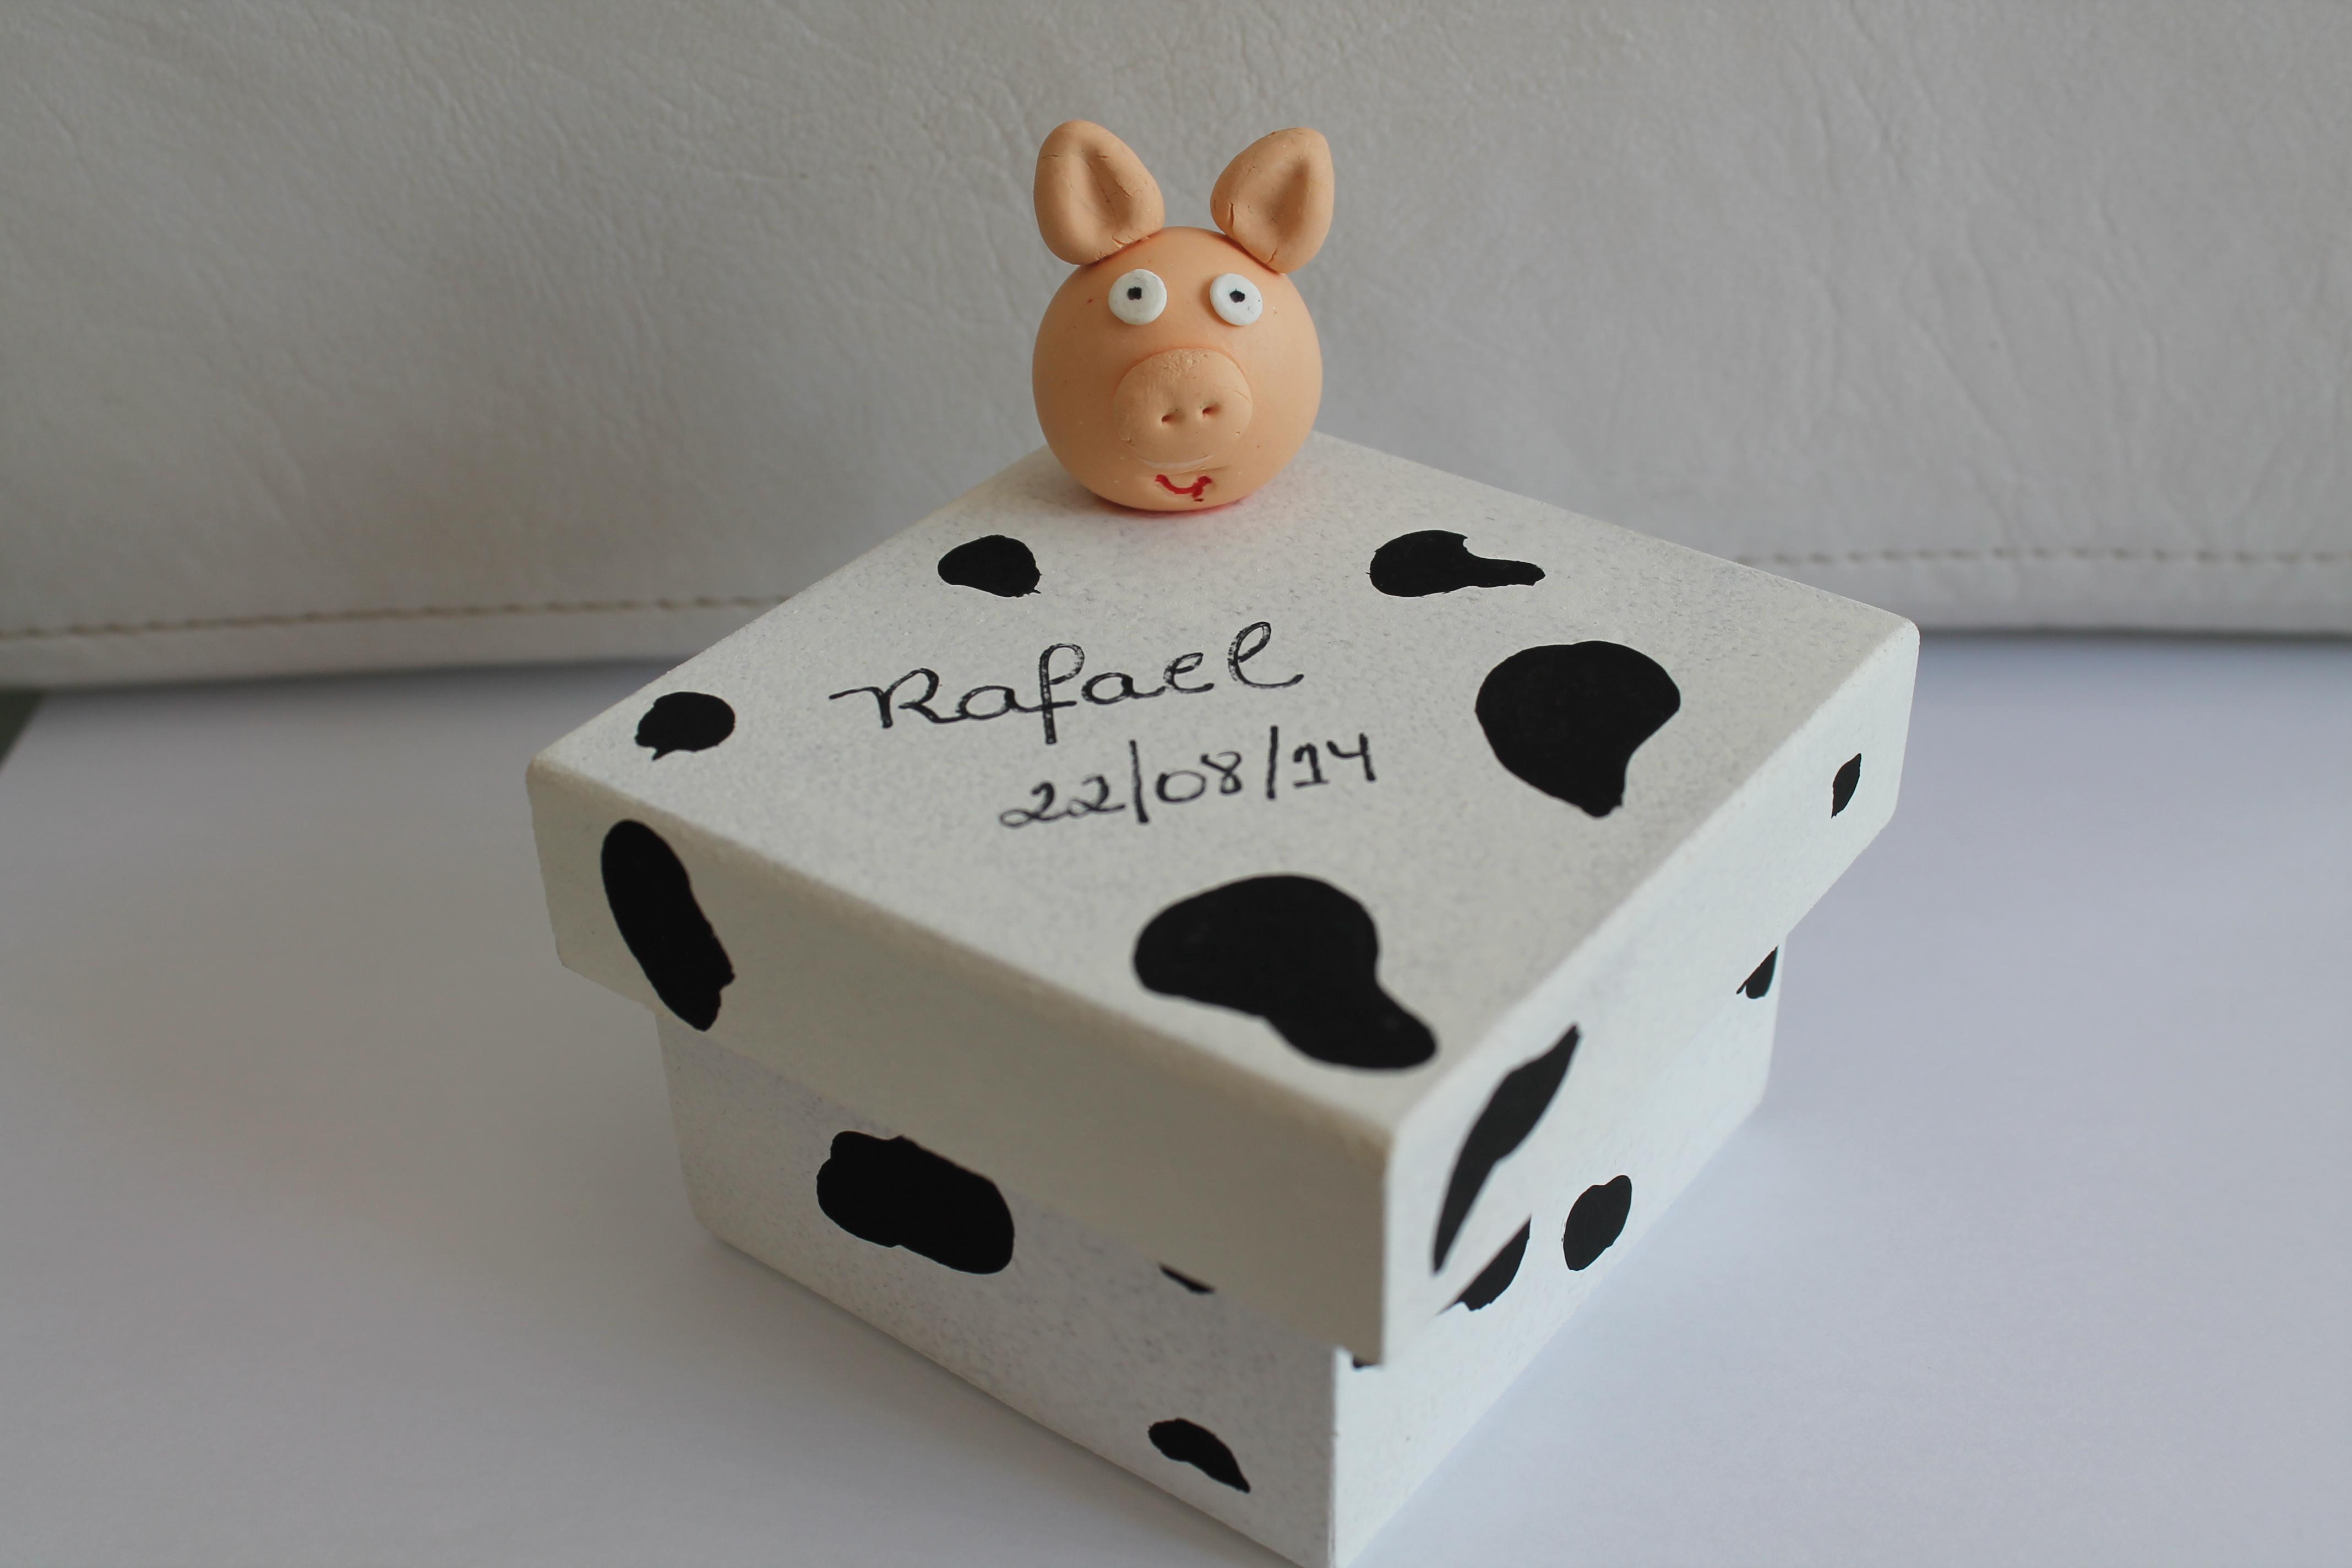 caixa madeira pintada a mao toy story toy story #794E33 4272x2848